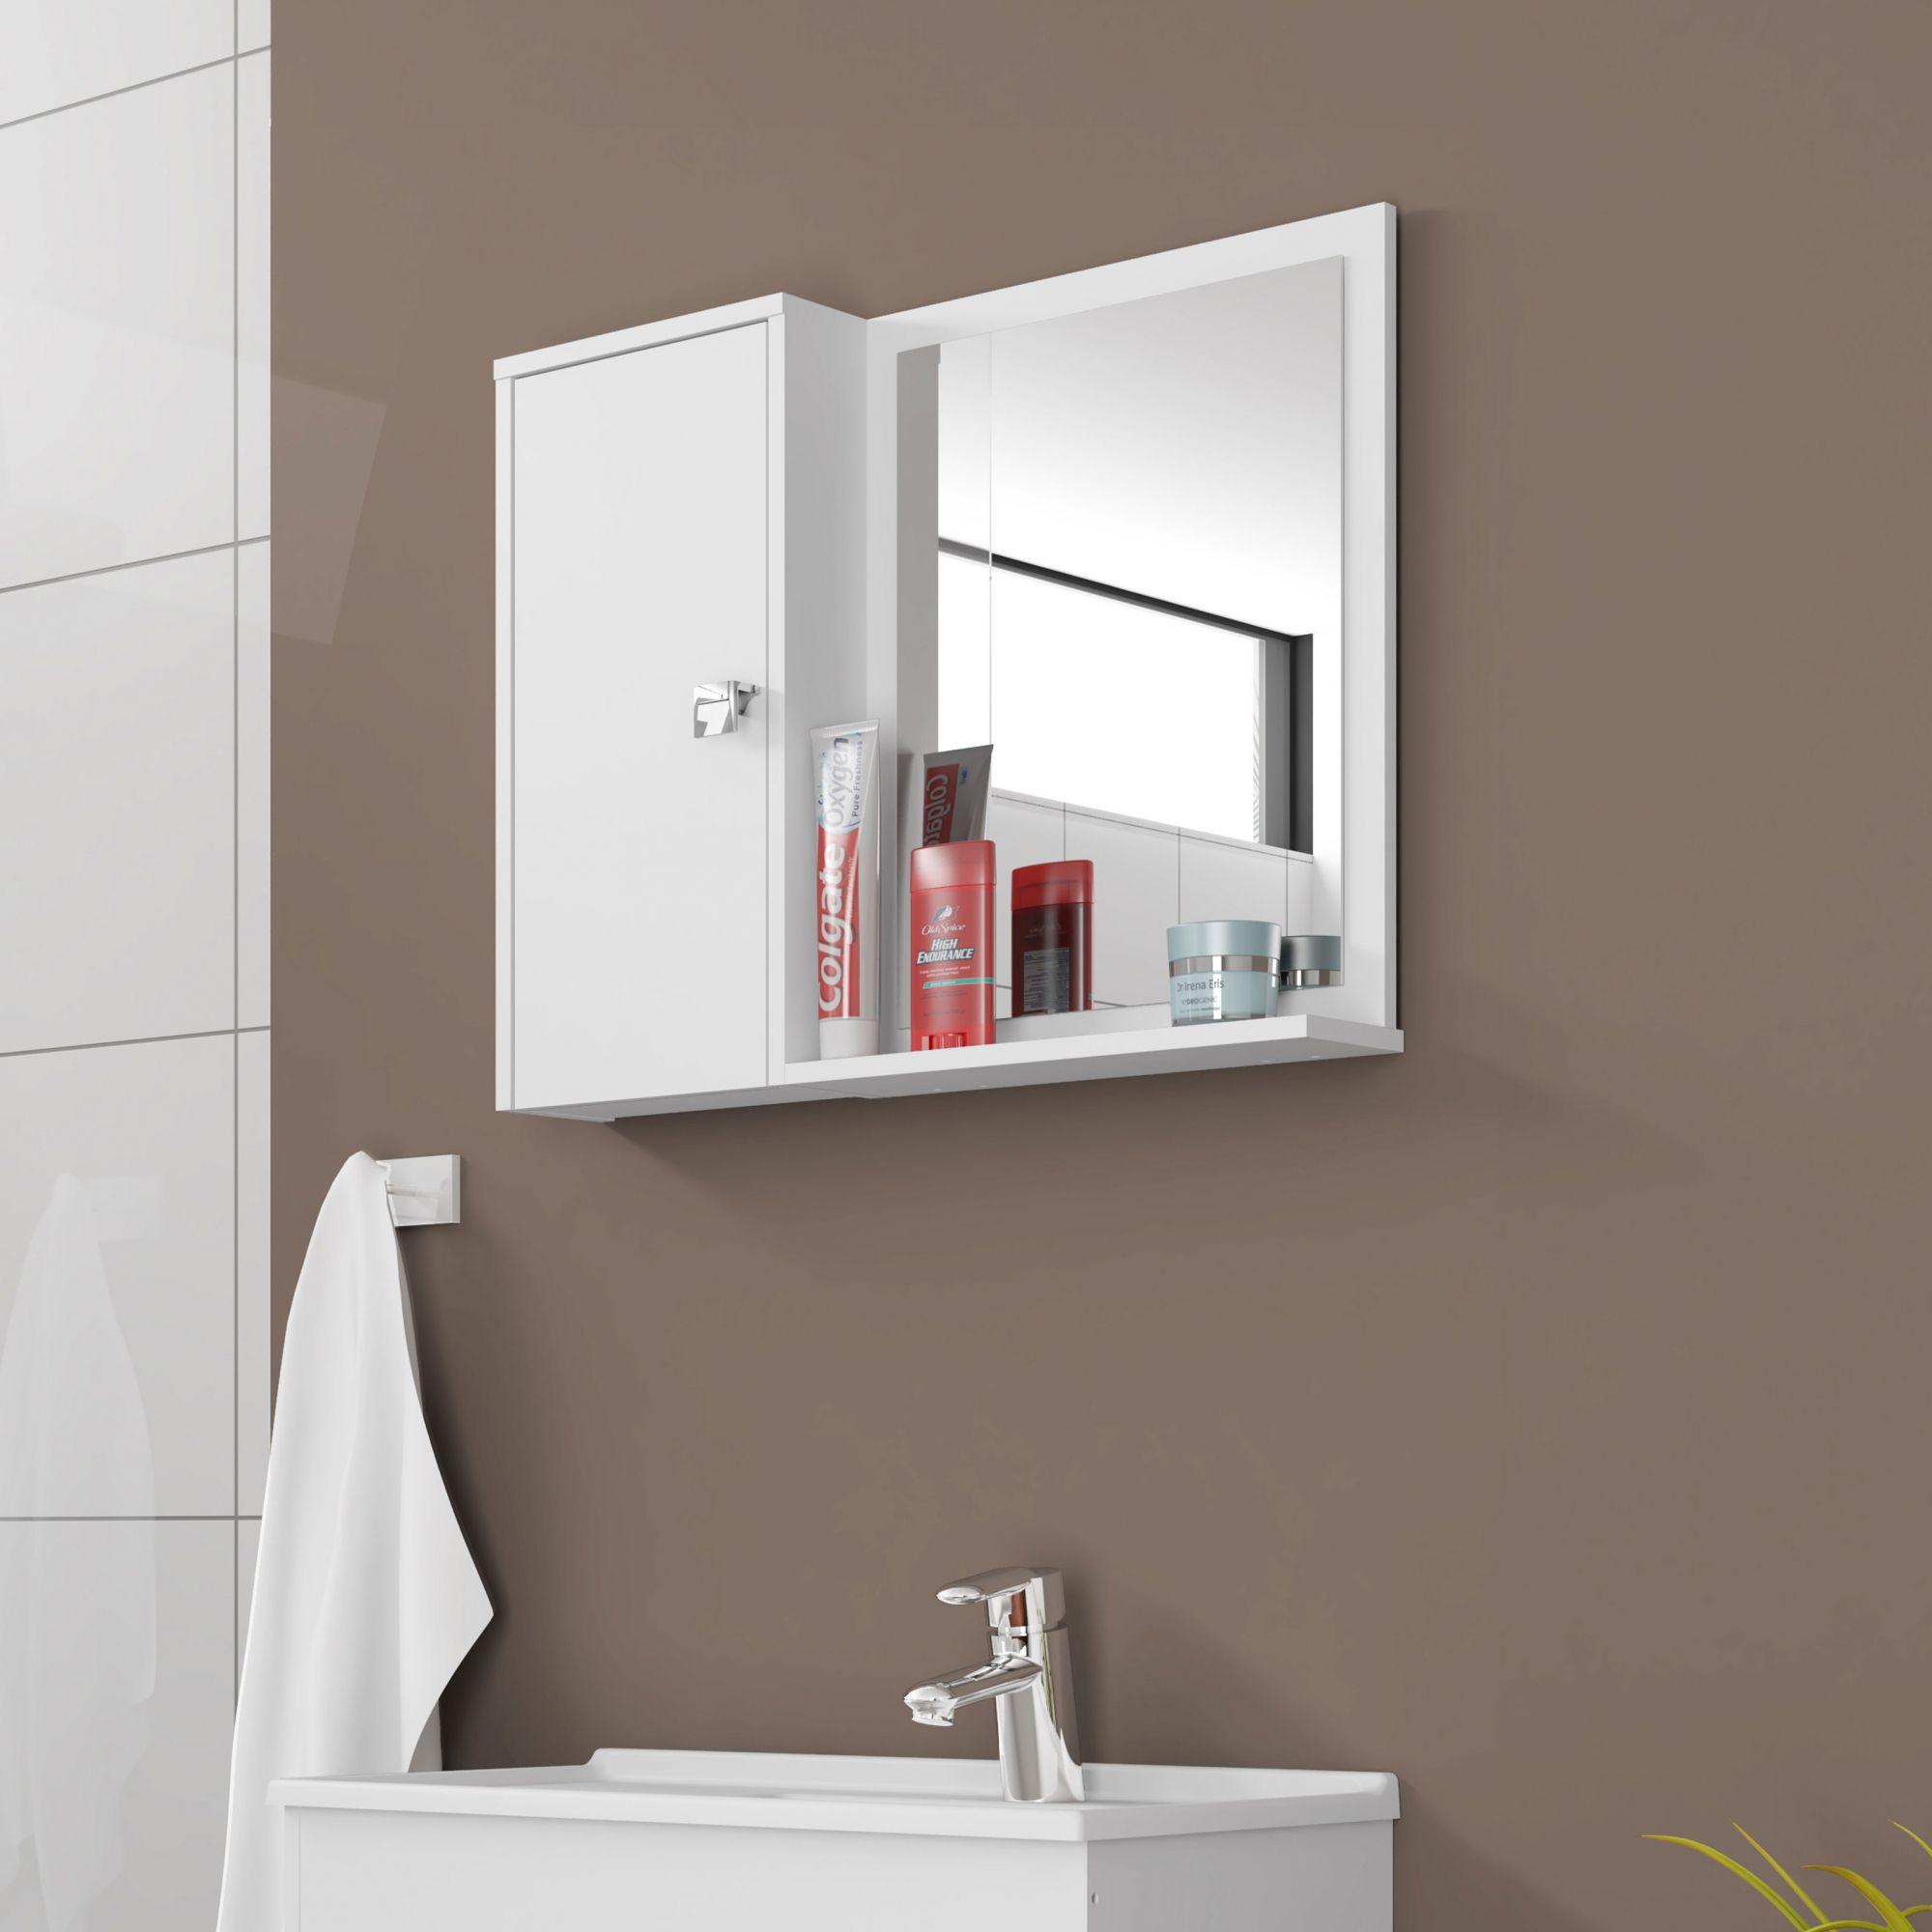 Espelheira para Banheiro Gênova Branco - Móveis Bechara